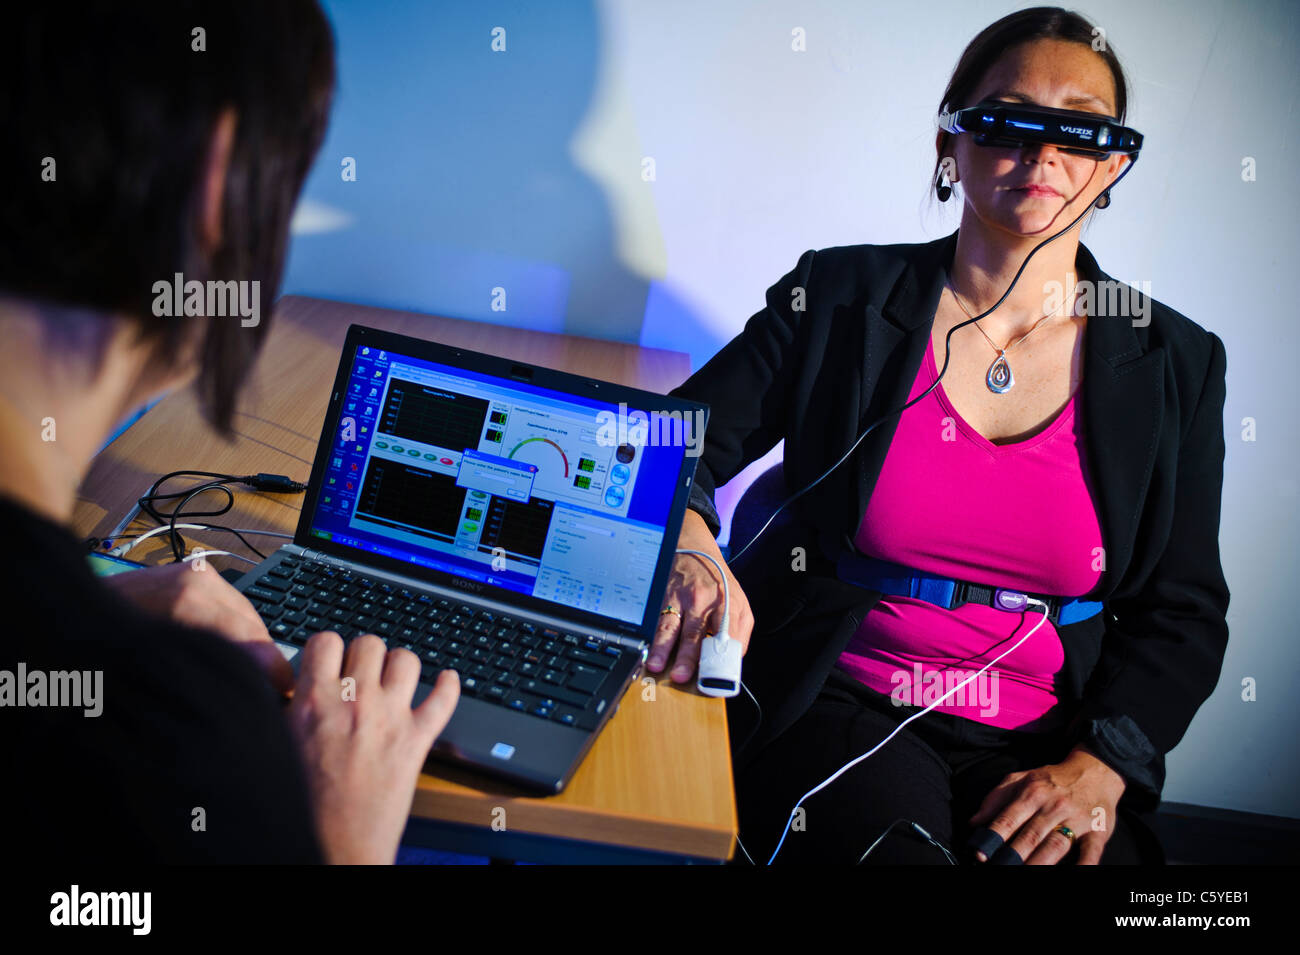 Scientific laptop